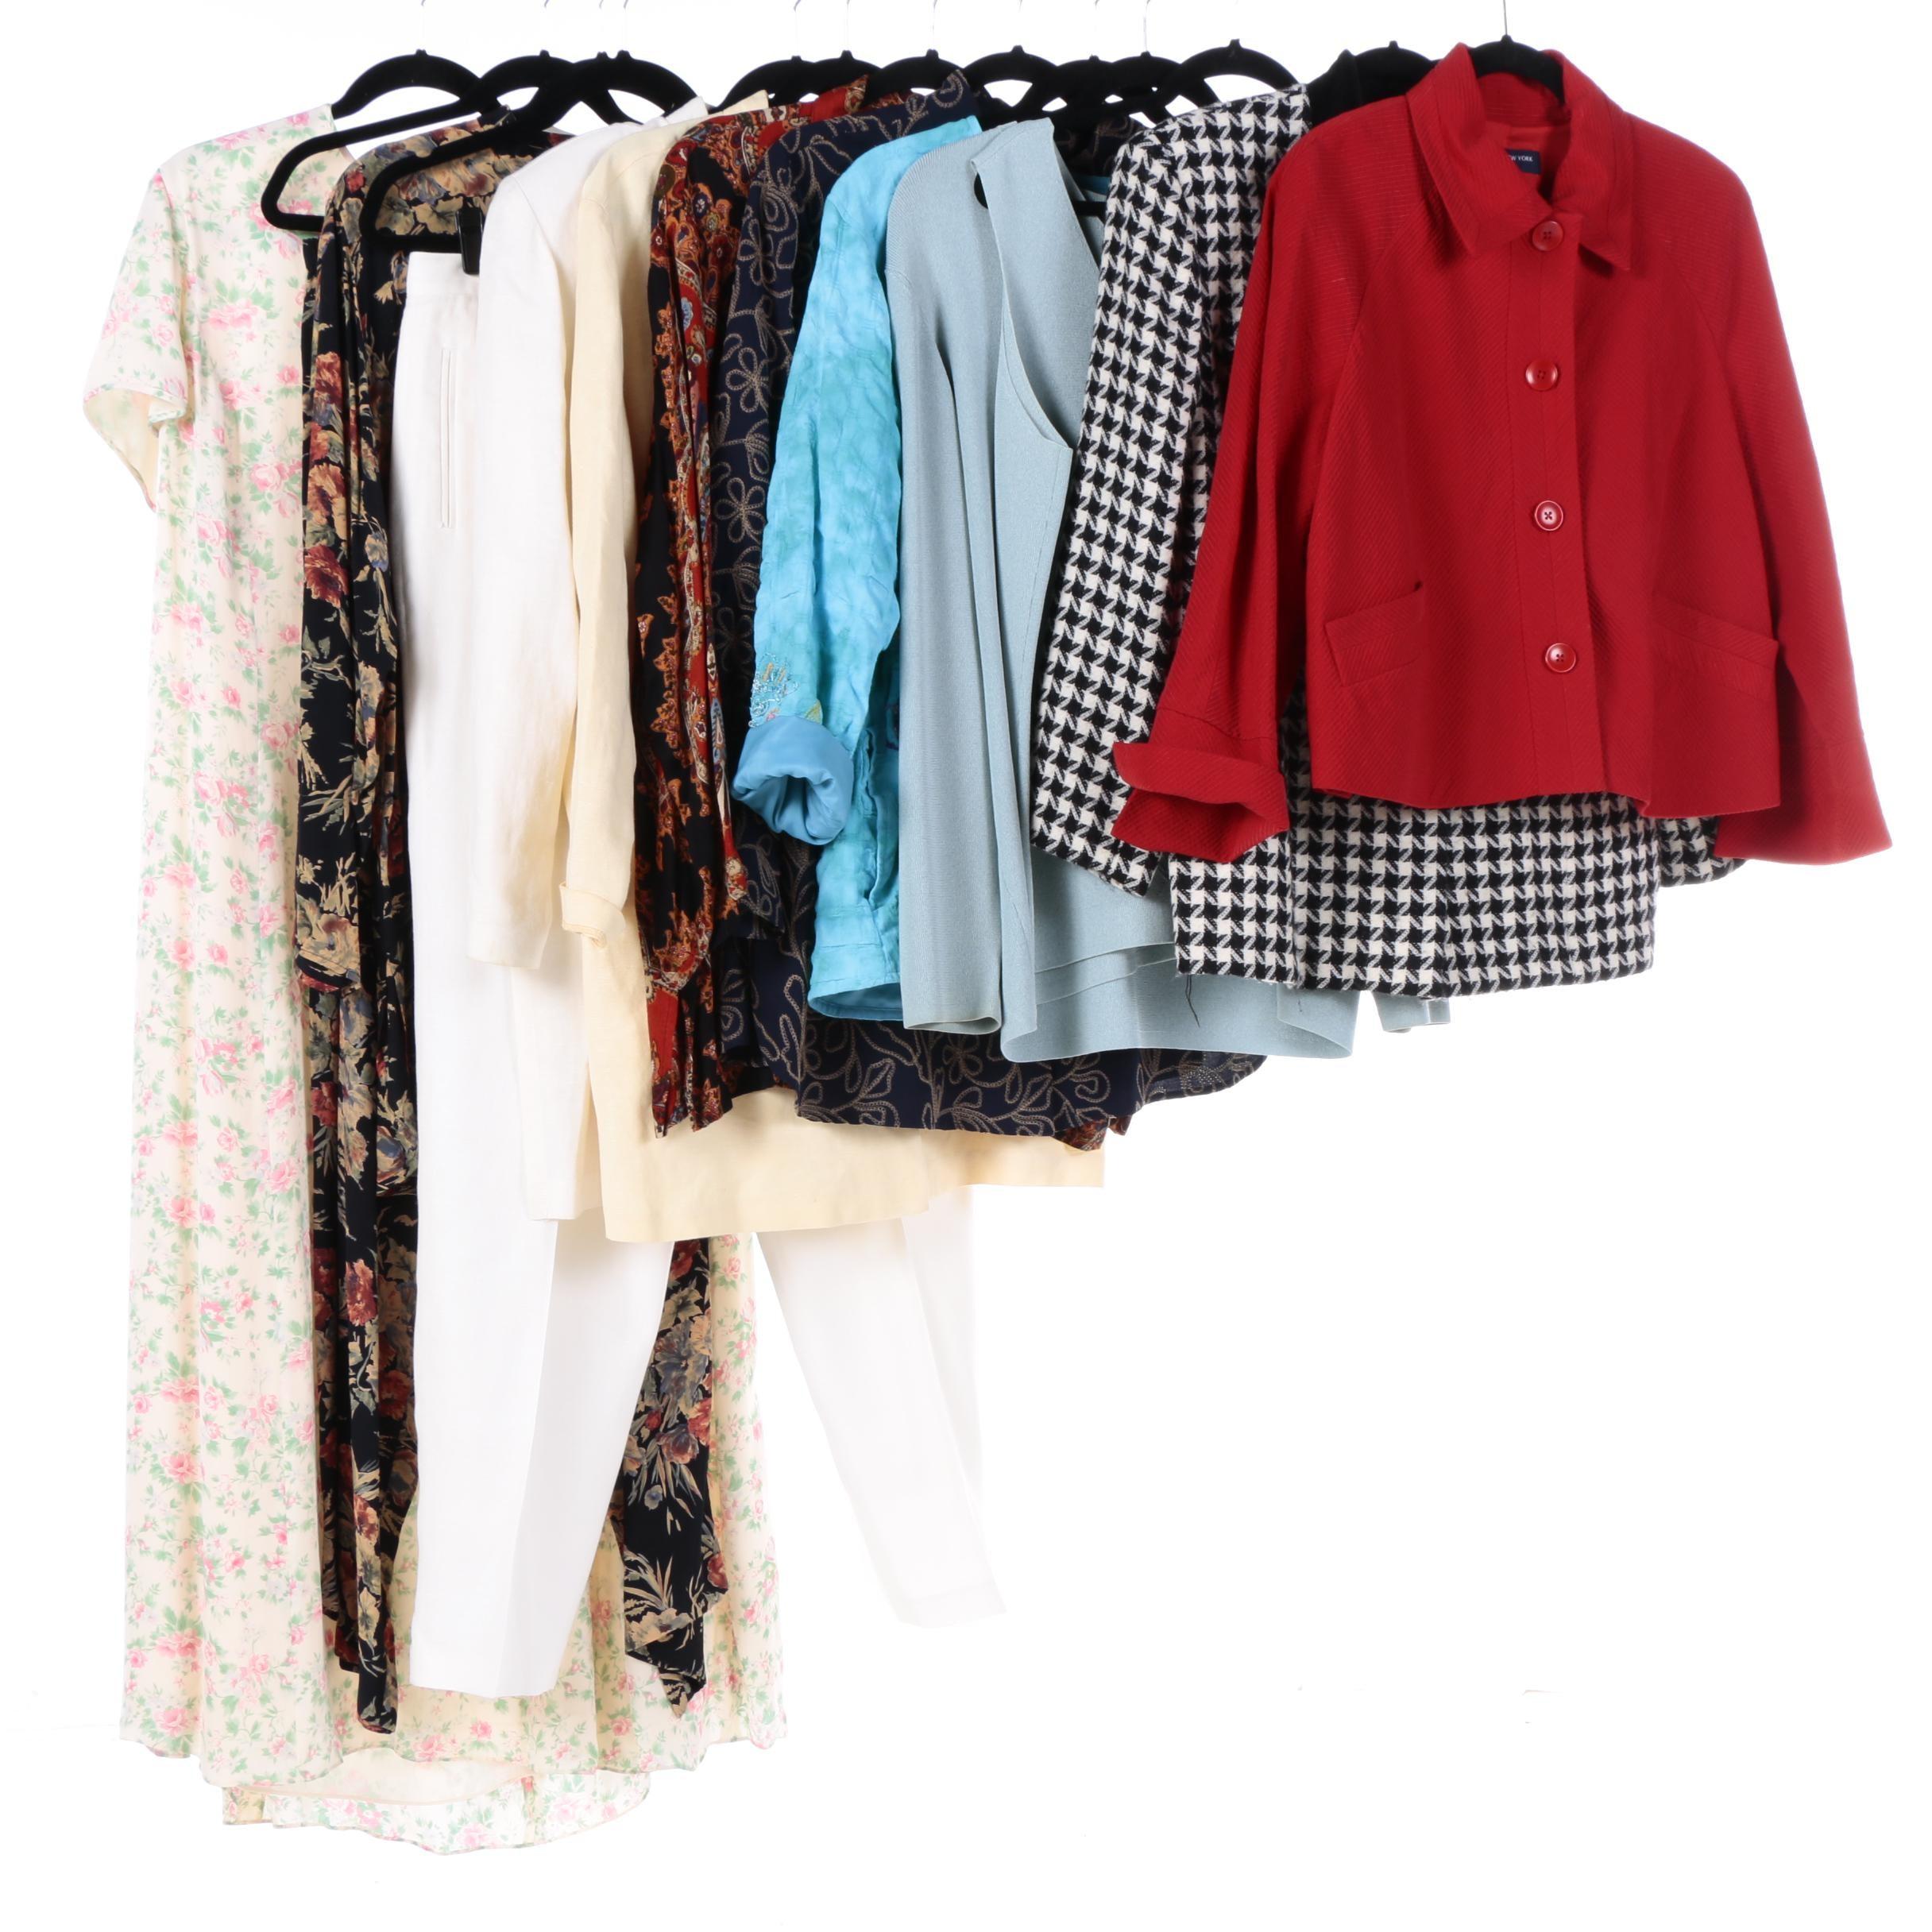 Women's Clothing Including Lauren by Ralph Lauren and Dana Buchman